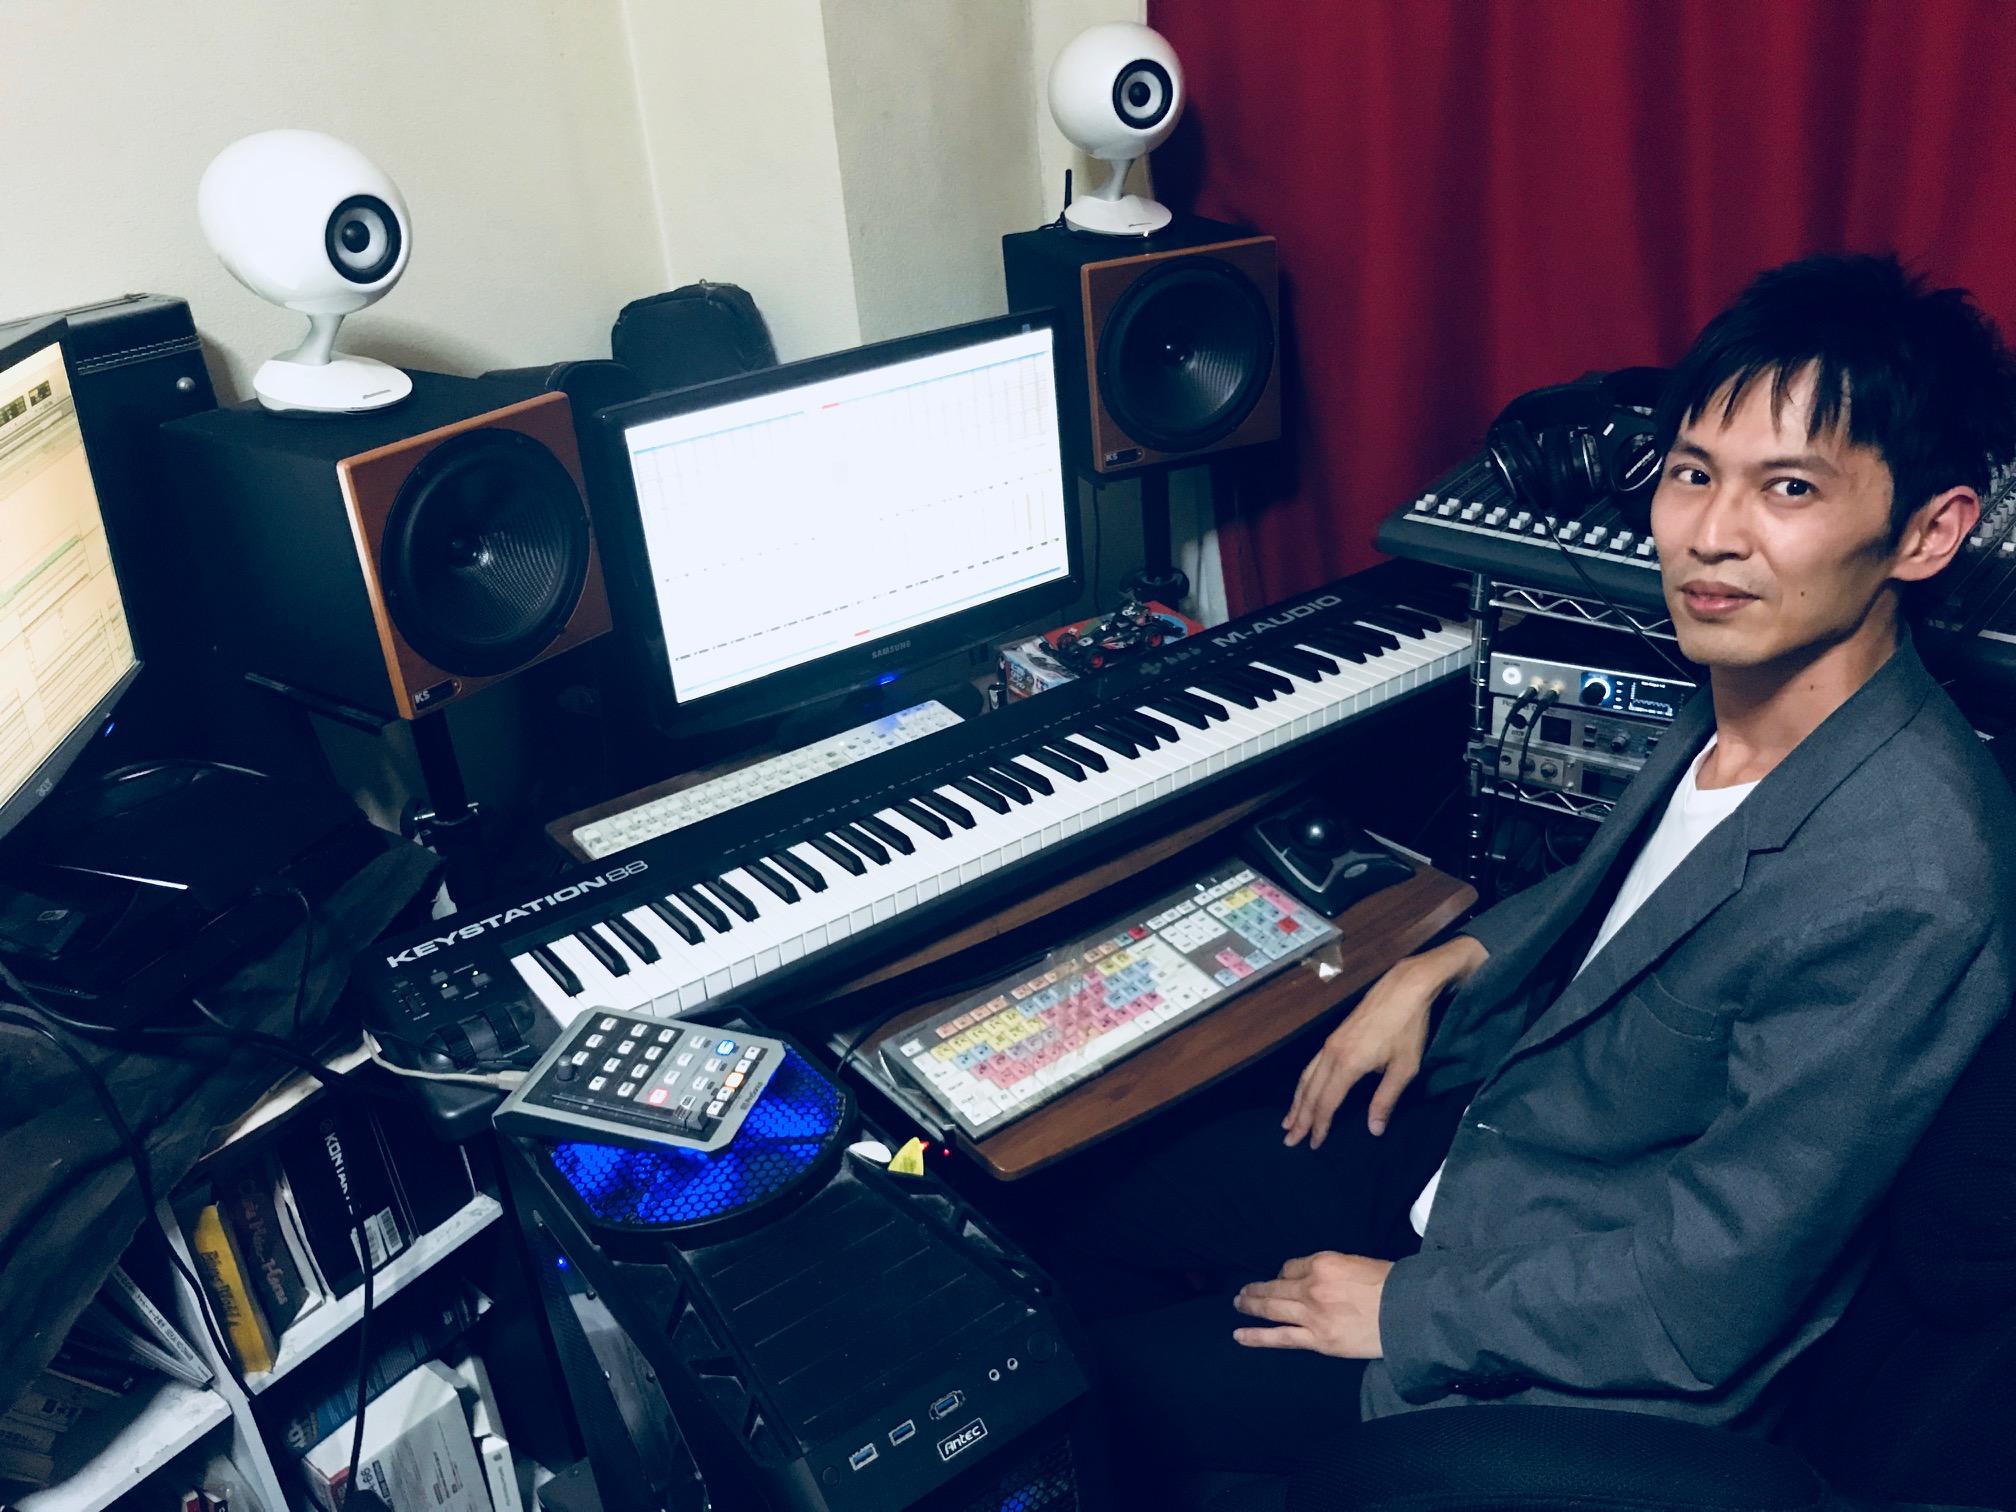 sonarworks-user-review-3-keisuke-umemura_keisuke-umemura_profile